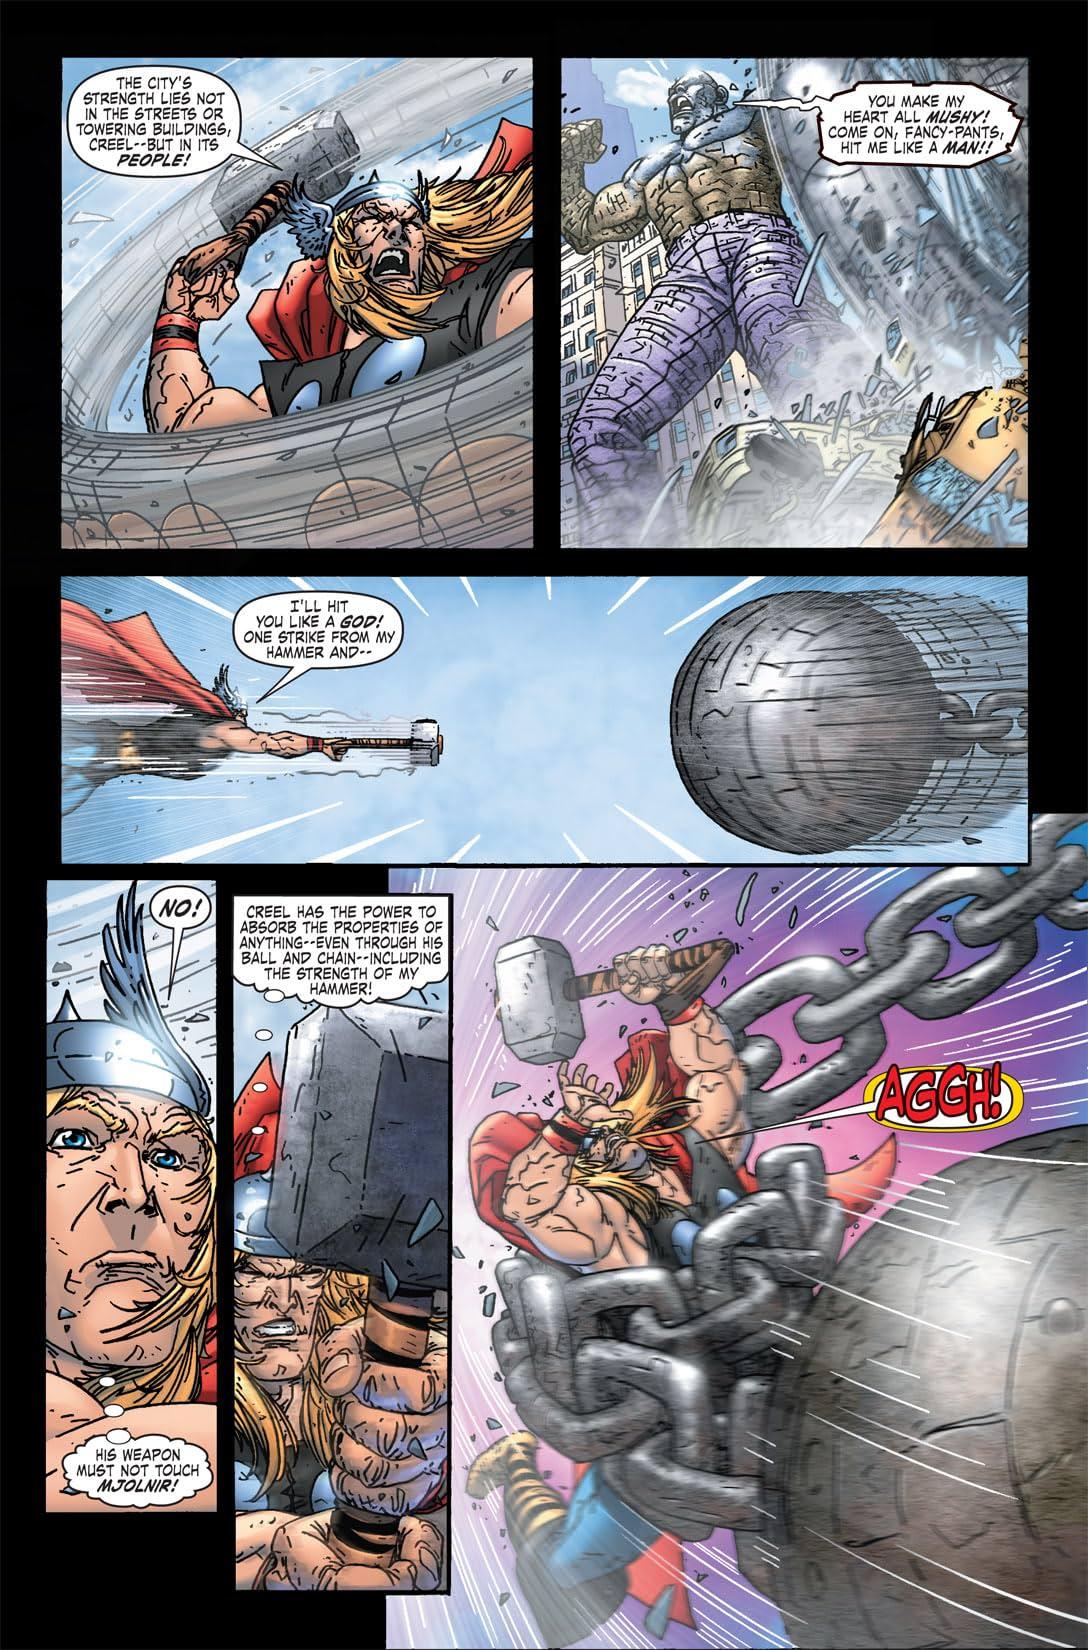 Thor: Blood Oath #1